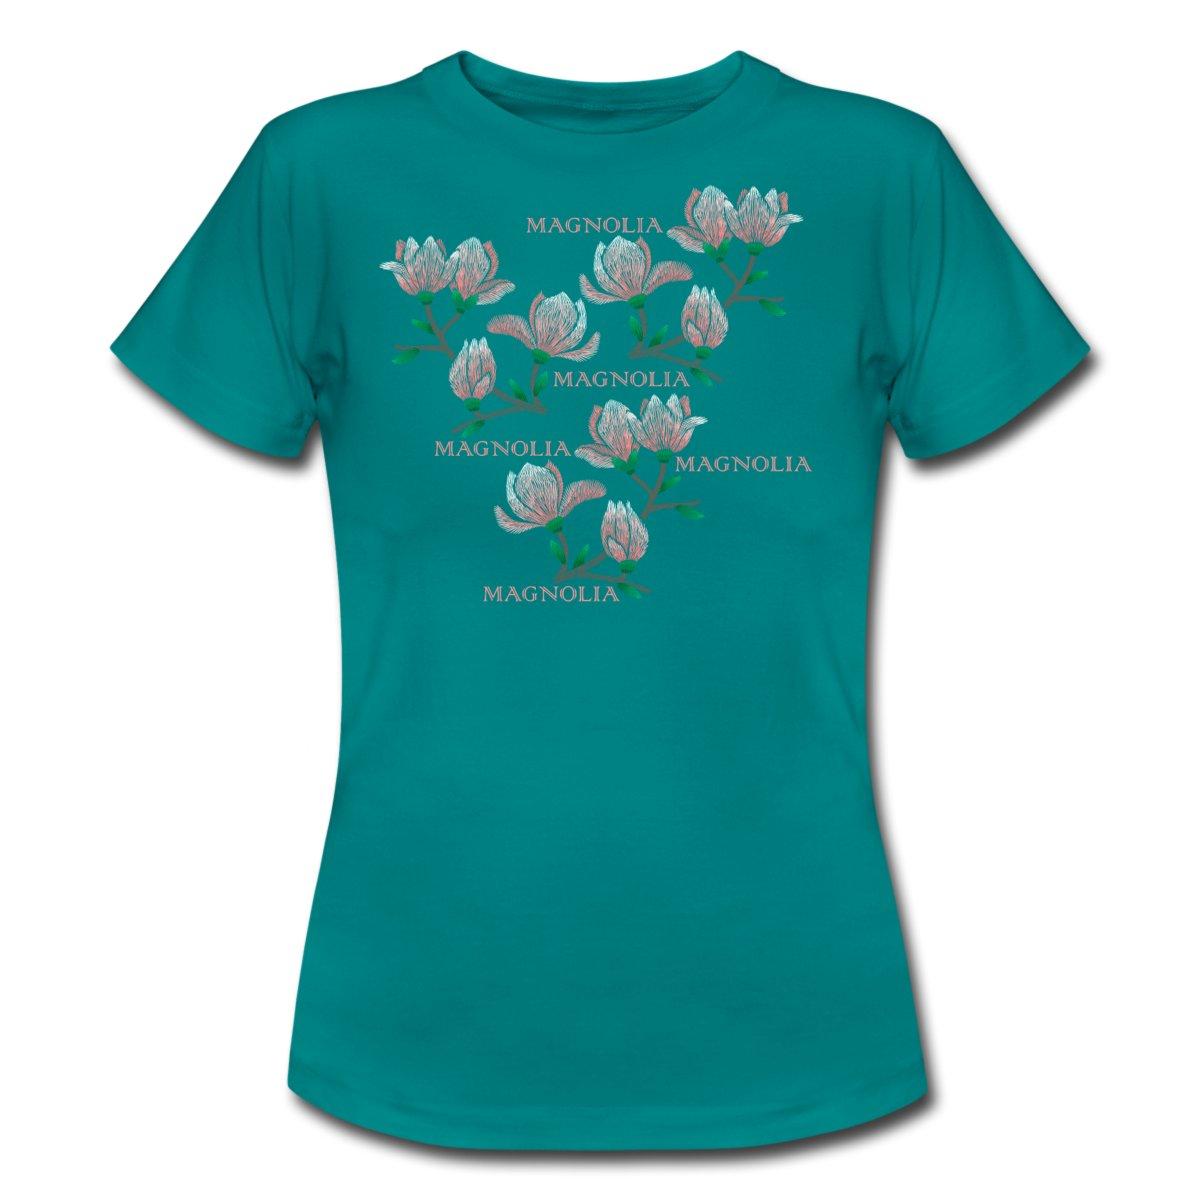 magnolia-t-shirt-dam-db.jpg